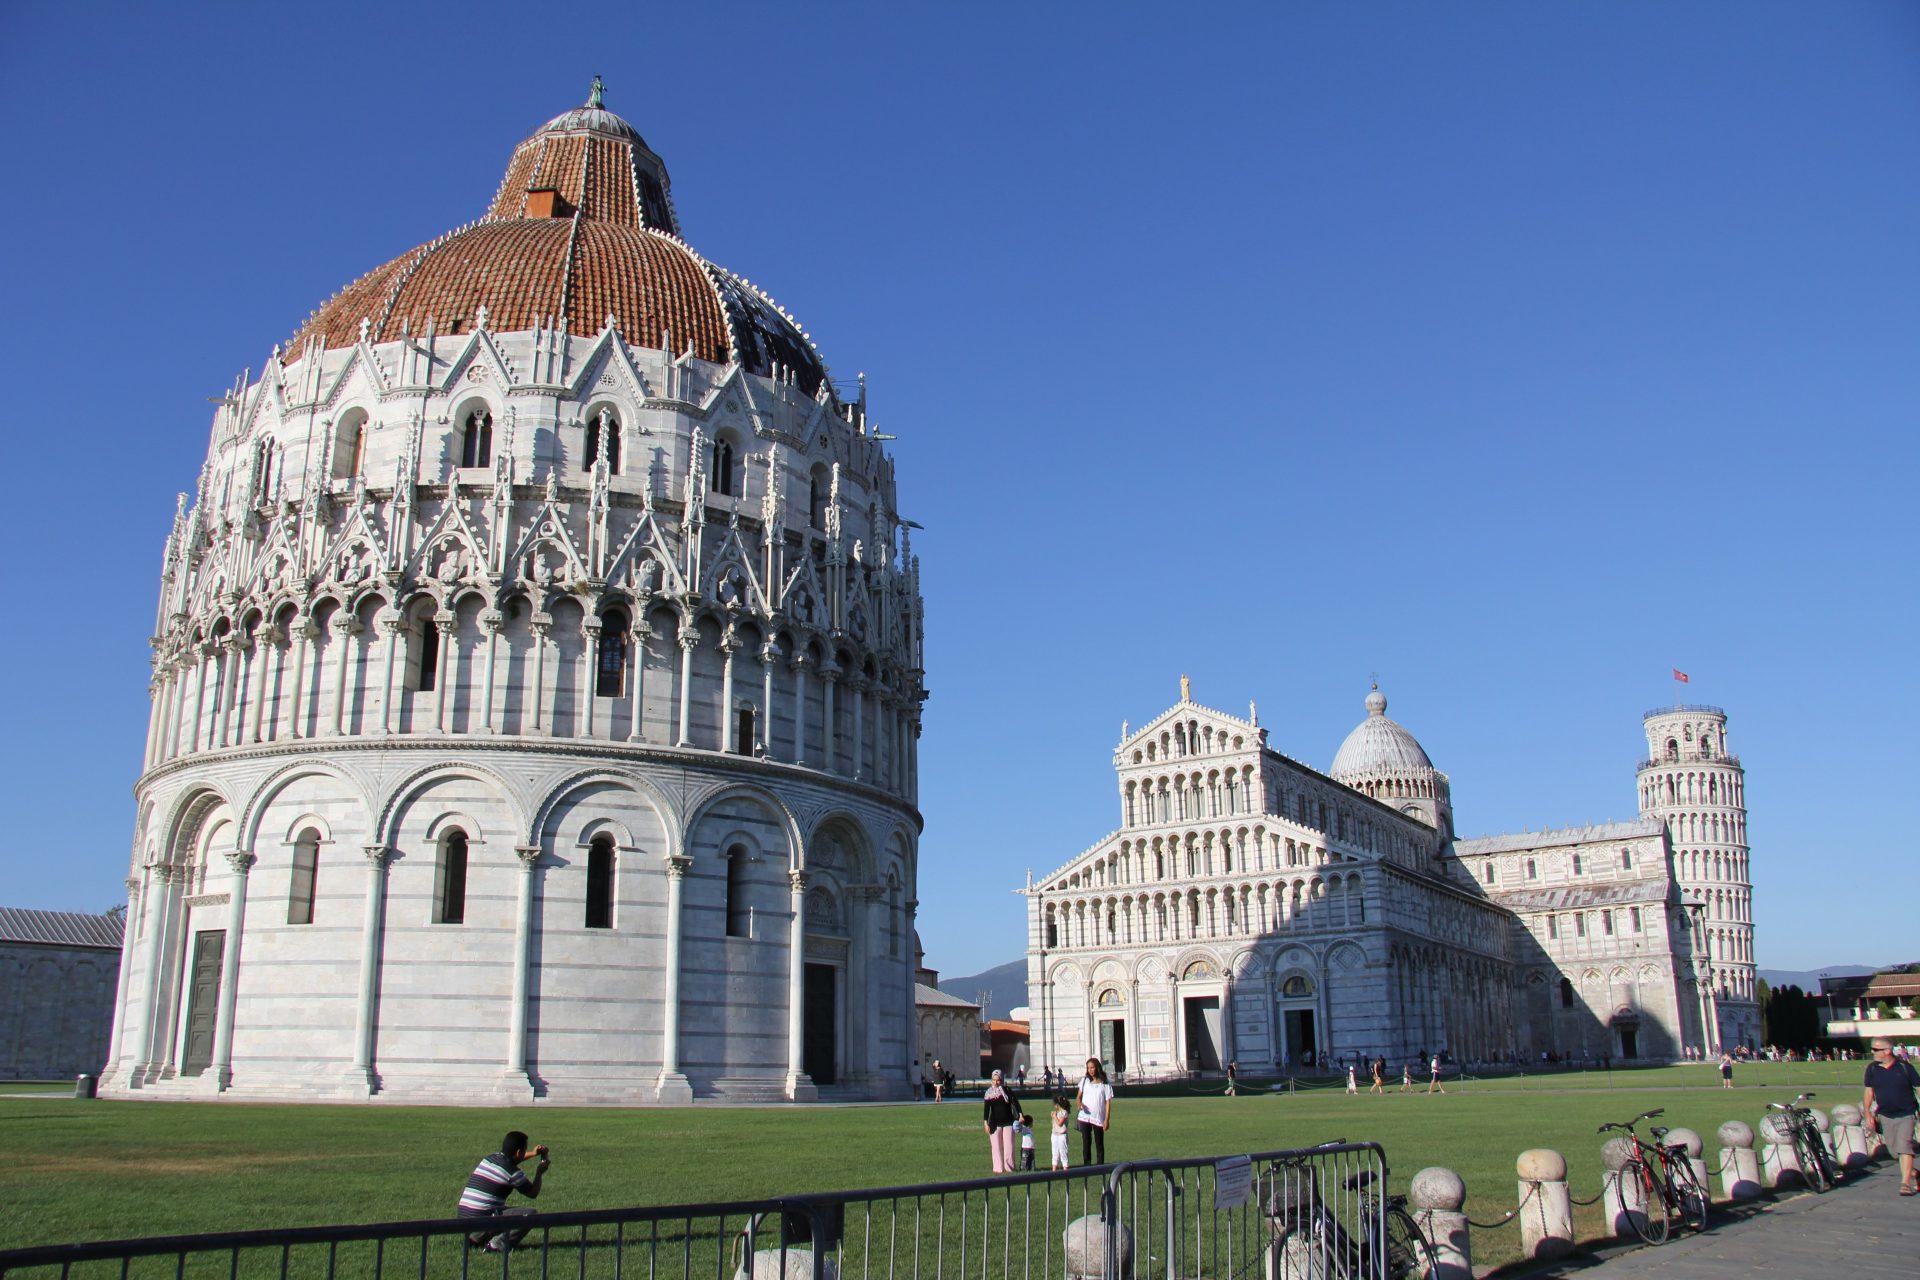 Пизанский собор, Пиза, Италия. Июль, 2012